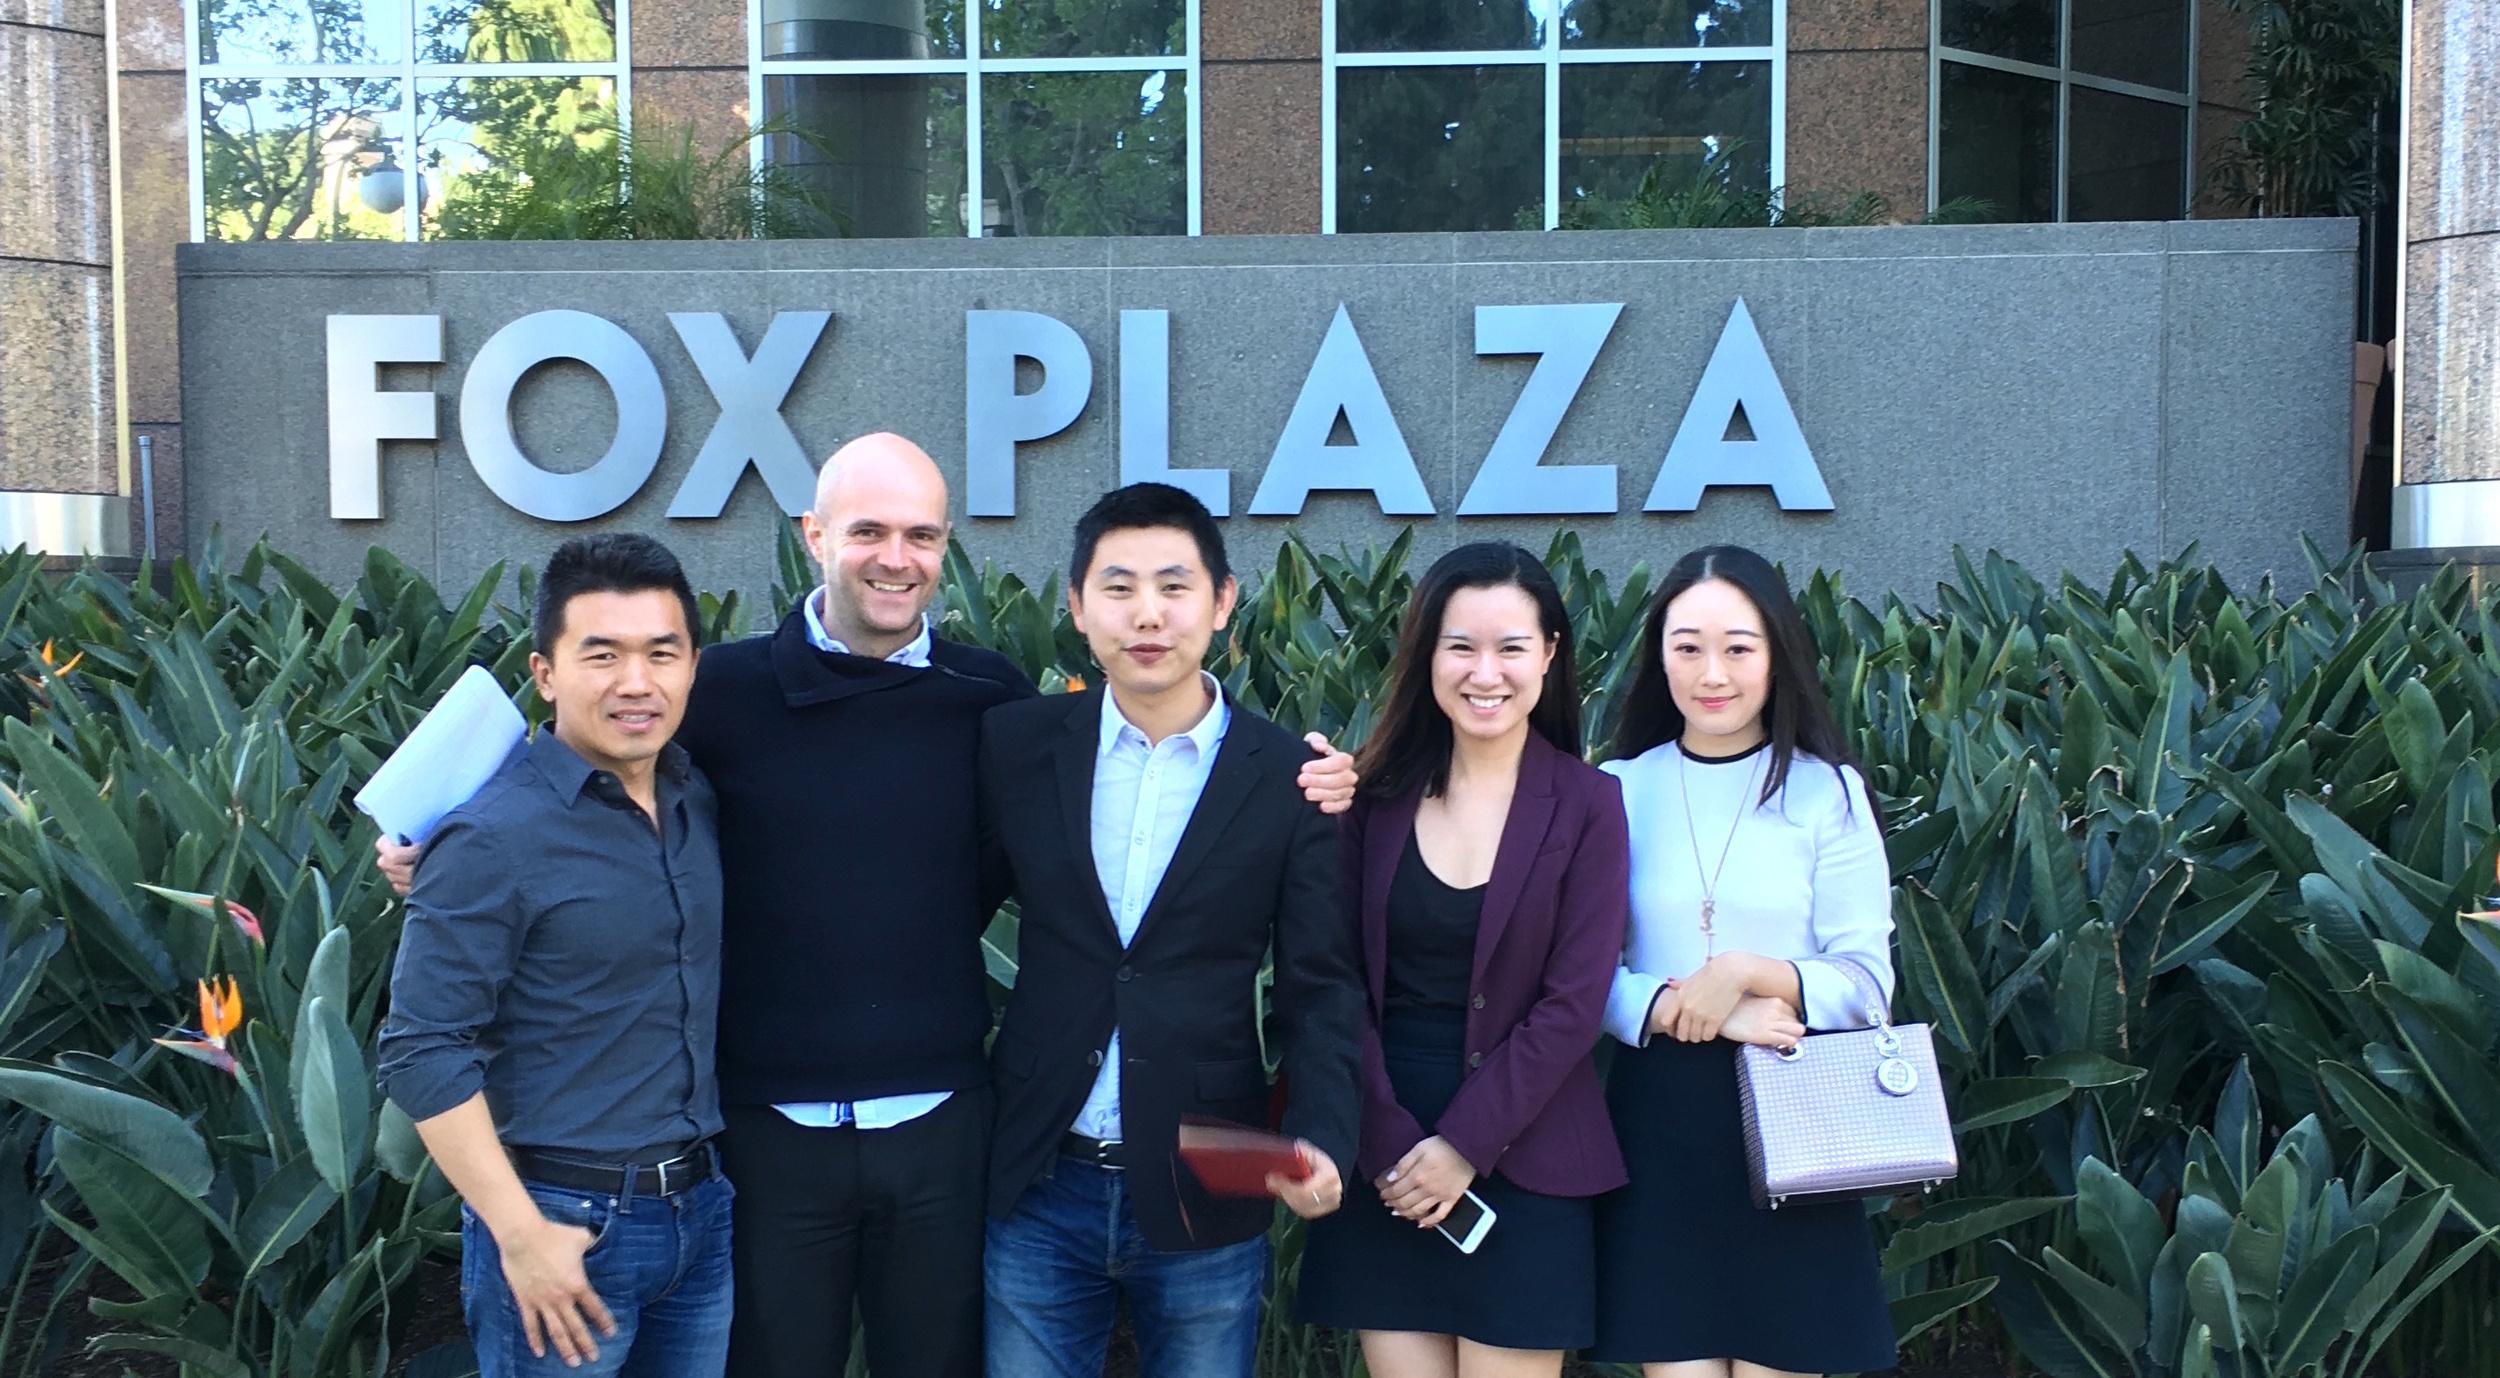 Vantage联合华清飞扬到访好莱坞顶级制片厂洽谈影视游戏IP合作